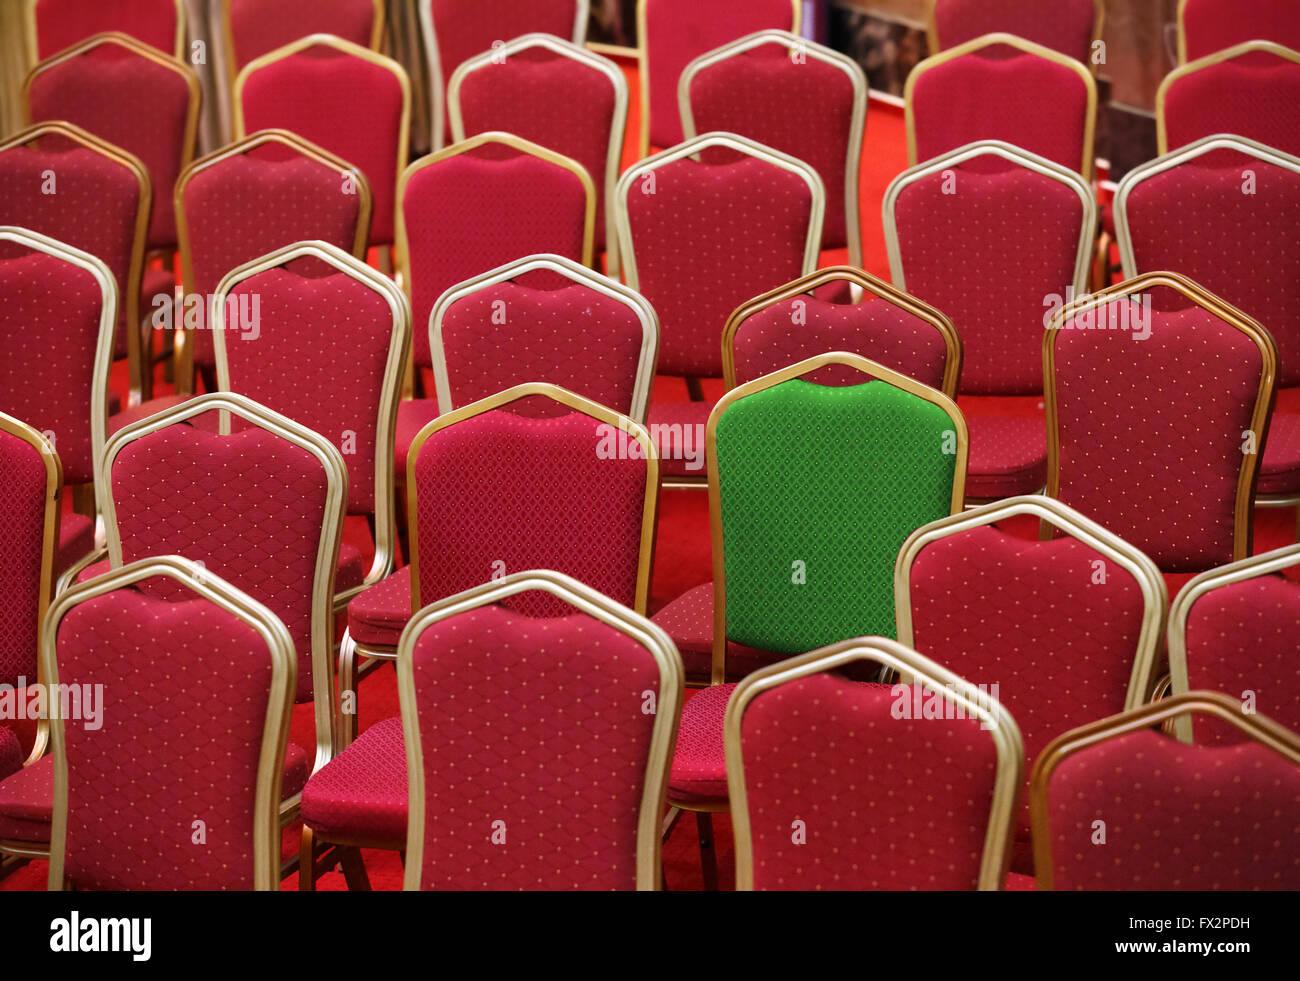 La diversité, concept différent ou unique - fauteuil vert dans un groupe de rouges Photo Stock